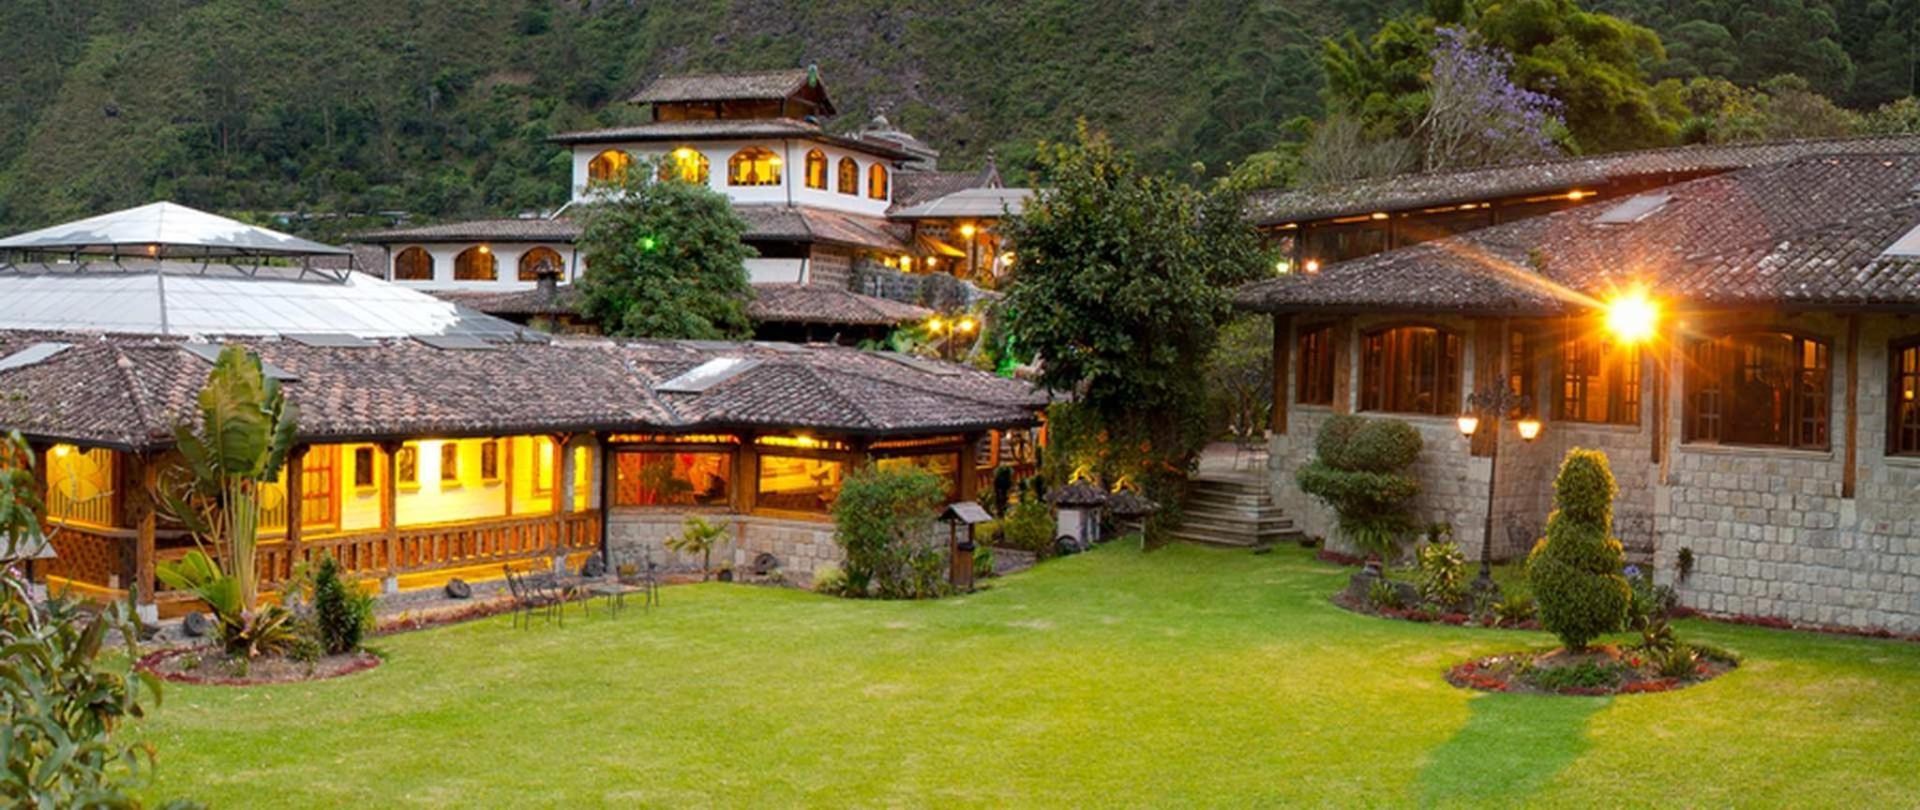 Samari Spa Resort - Day 5